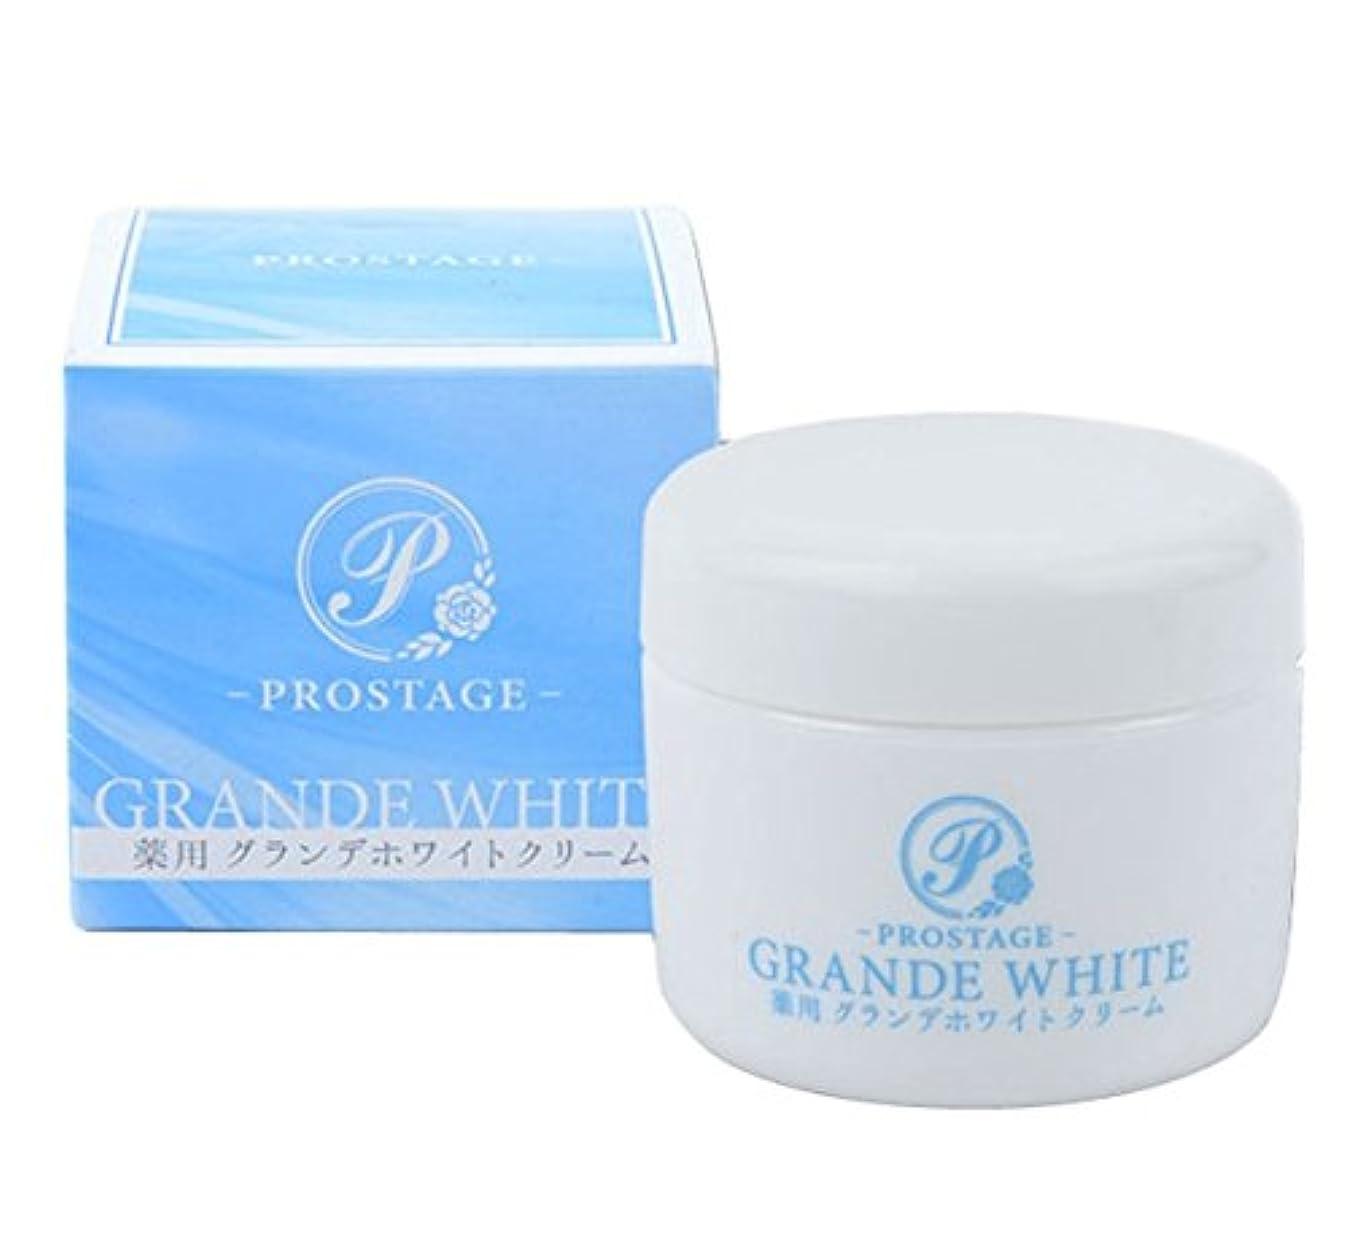 拳スペイン価格薬用グランデホワイトクリーム PROSTAGE ホワイトニングクリーム 大容量80g (2個)